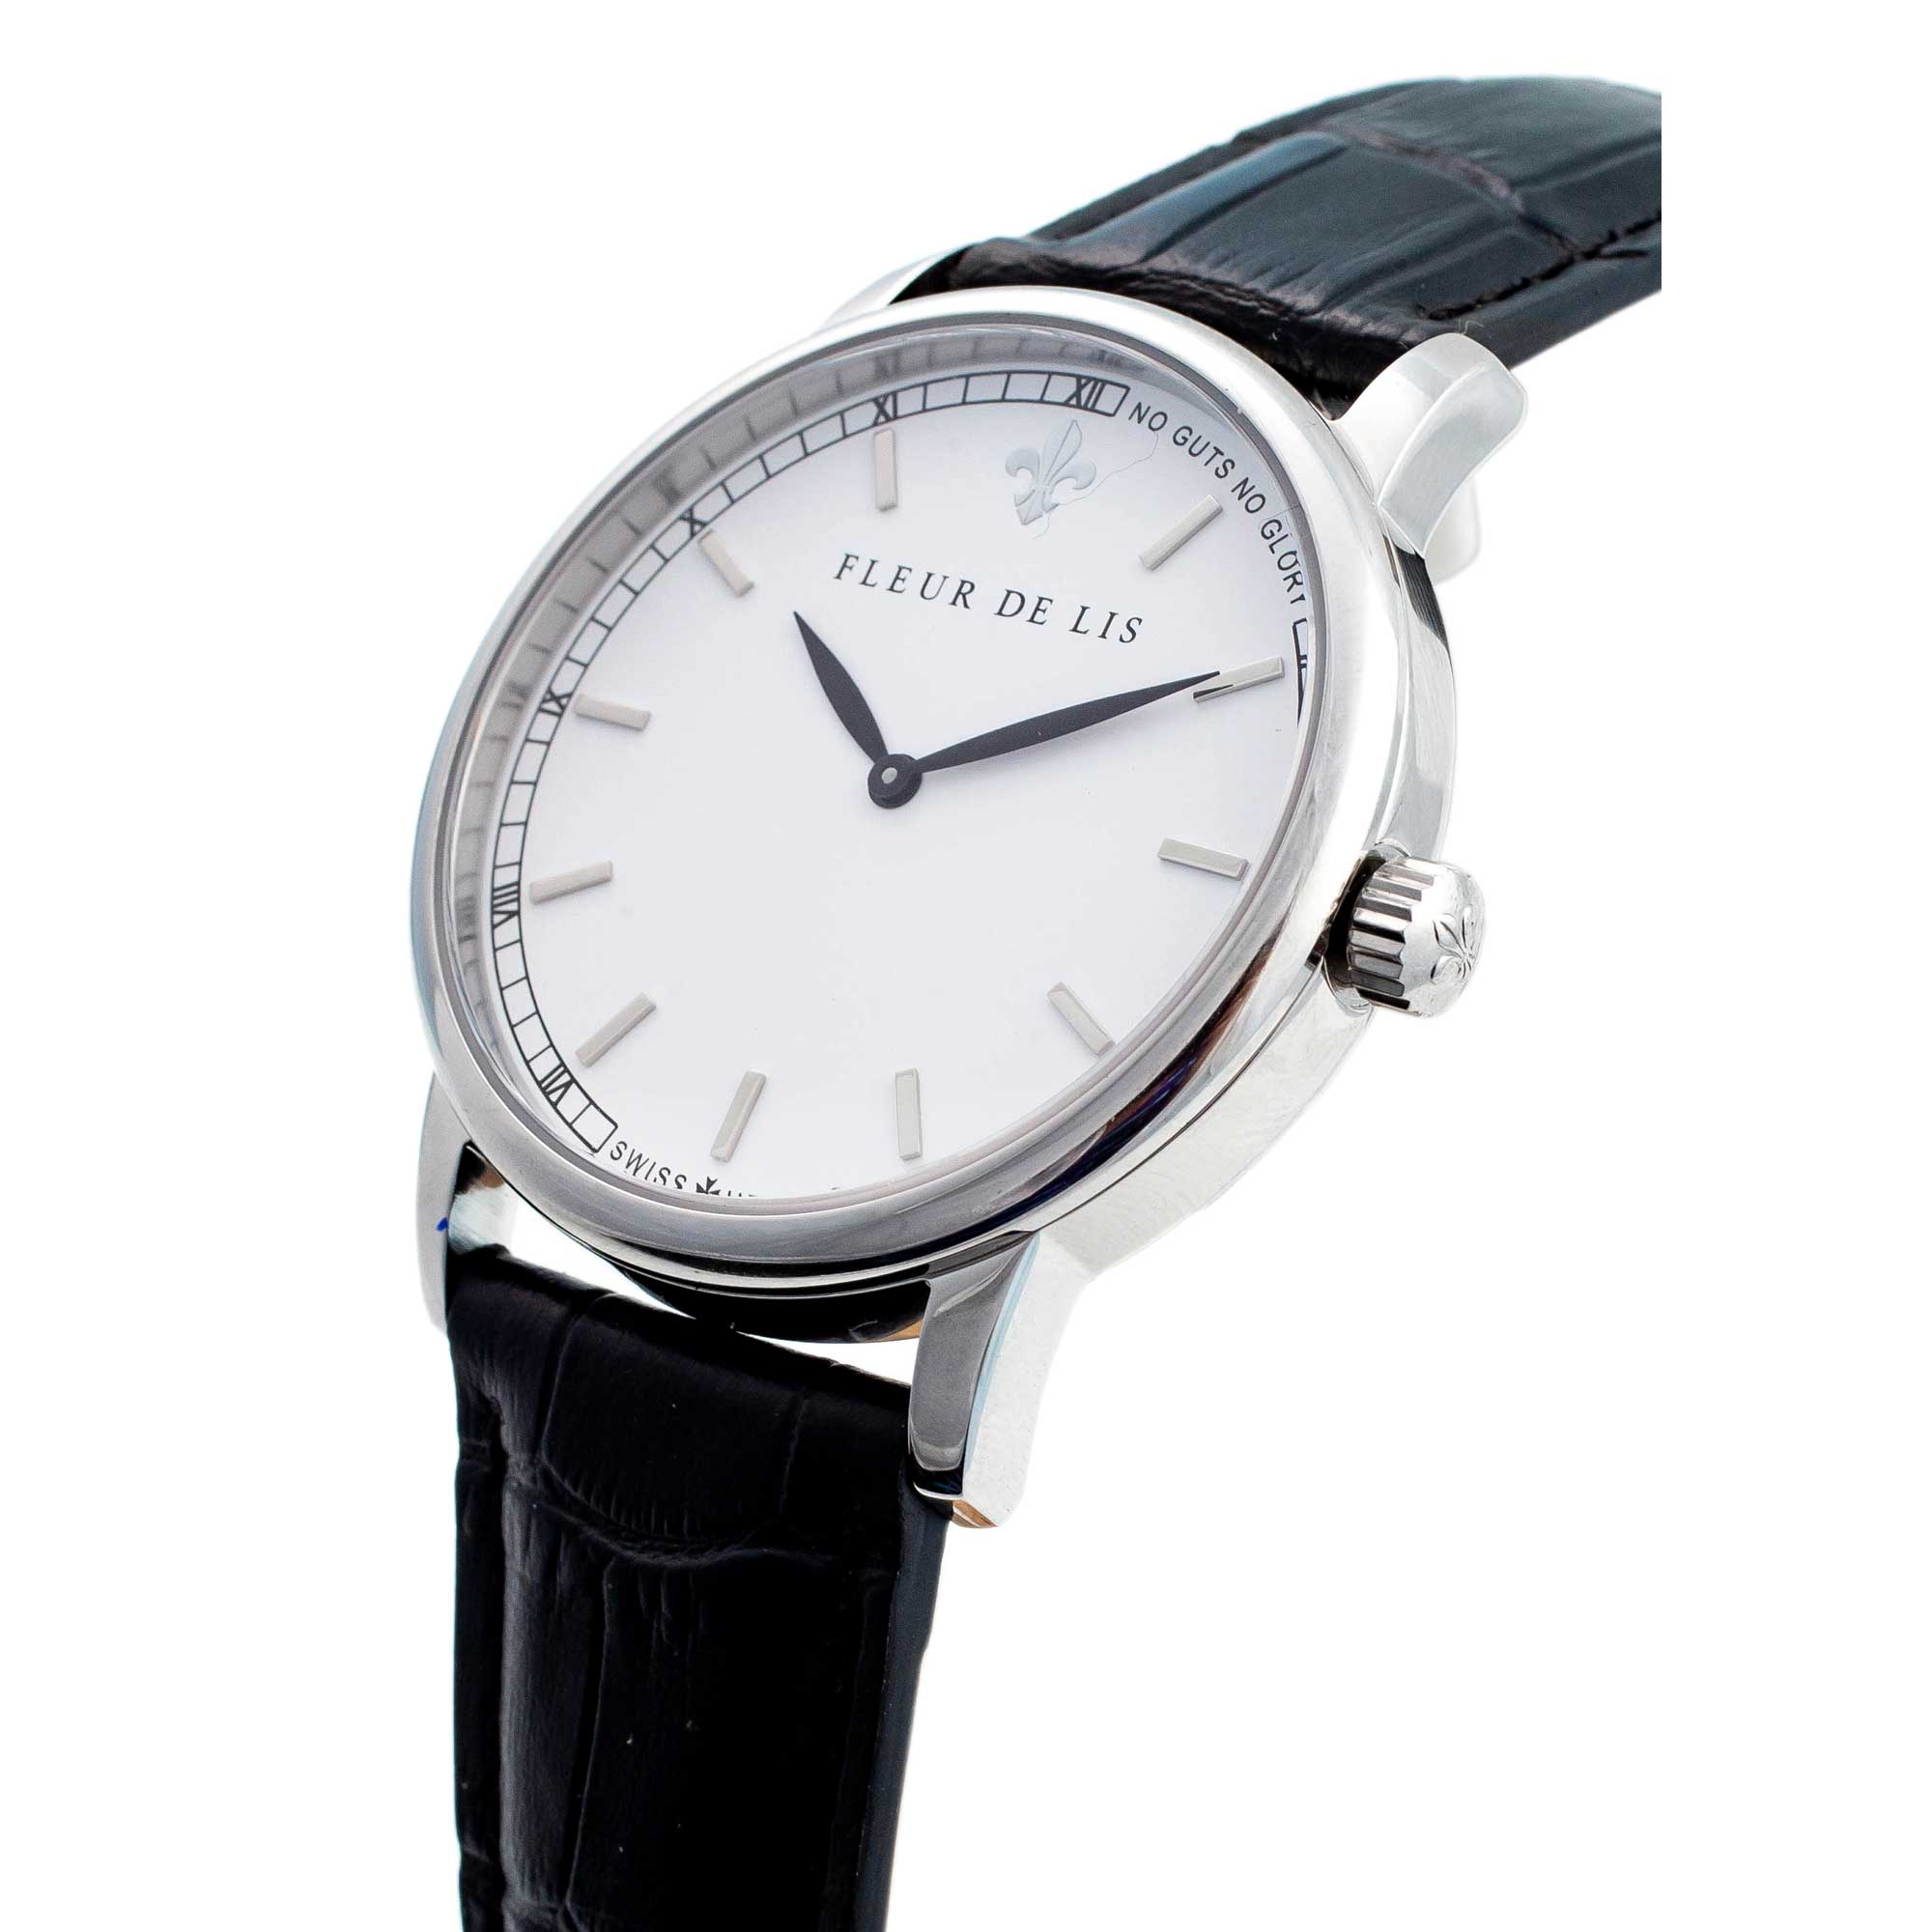 Đồng hồ nam Fleur De Lis ACE-03 hàng chính hãng chống nước mặt shaphire 41mm dây da cao cấp